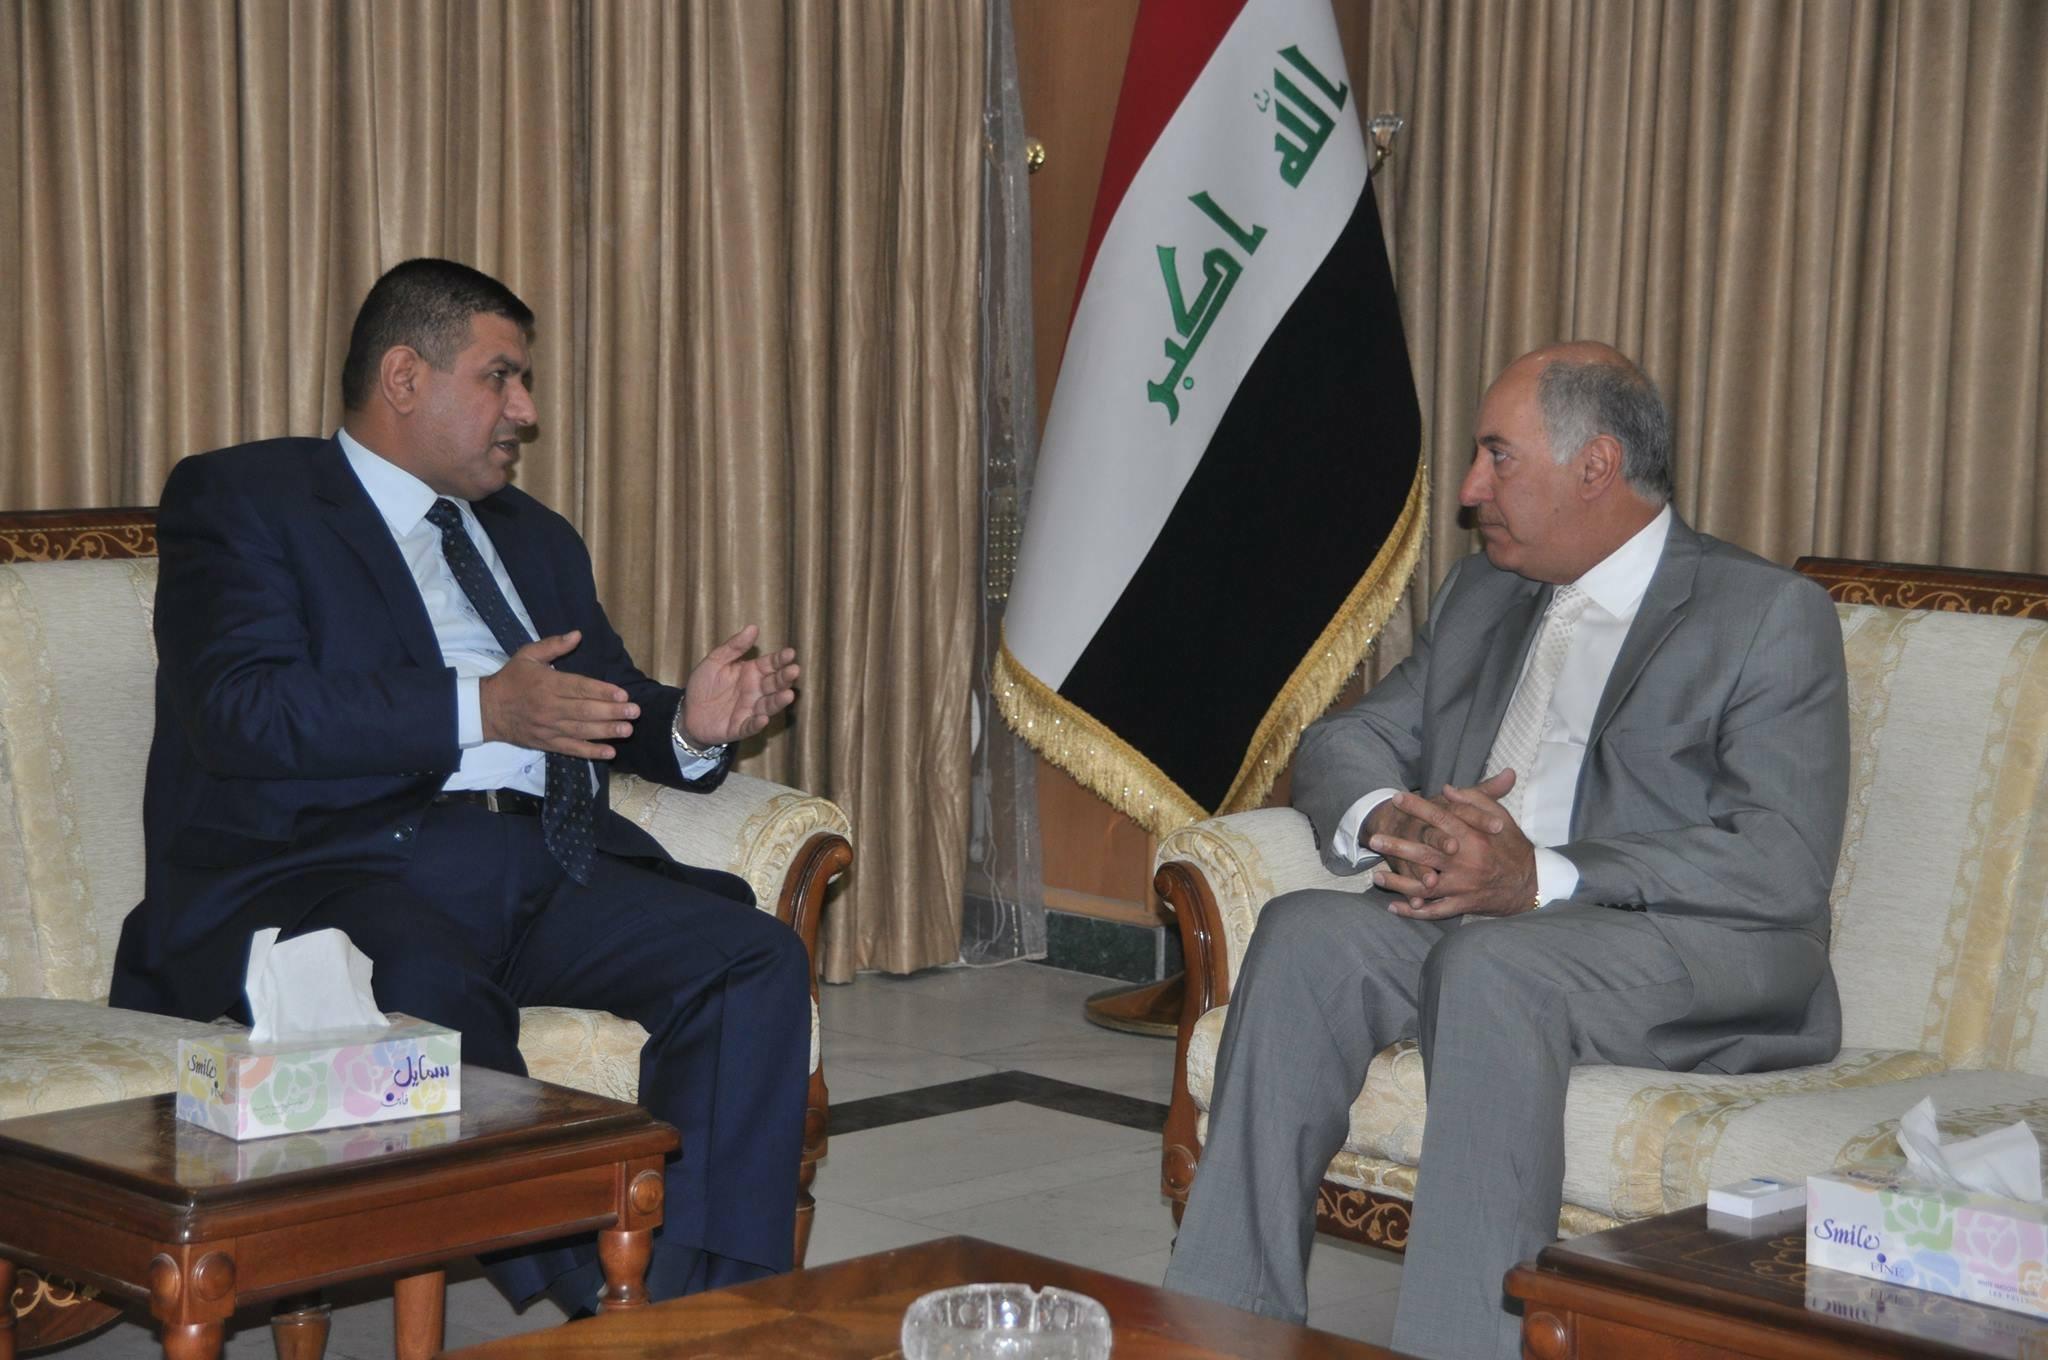 محافظ المثنى يلتقي وزير الموارد المائية في مقر الوزارة بالعاصمة بغداد